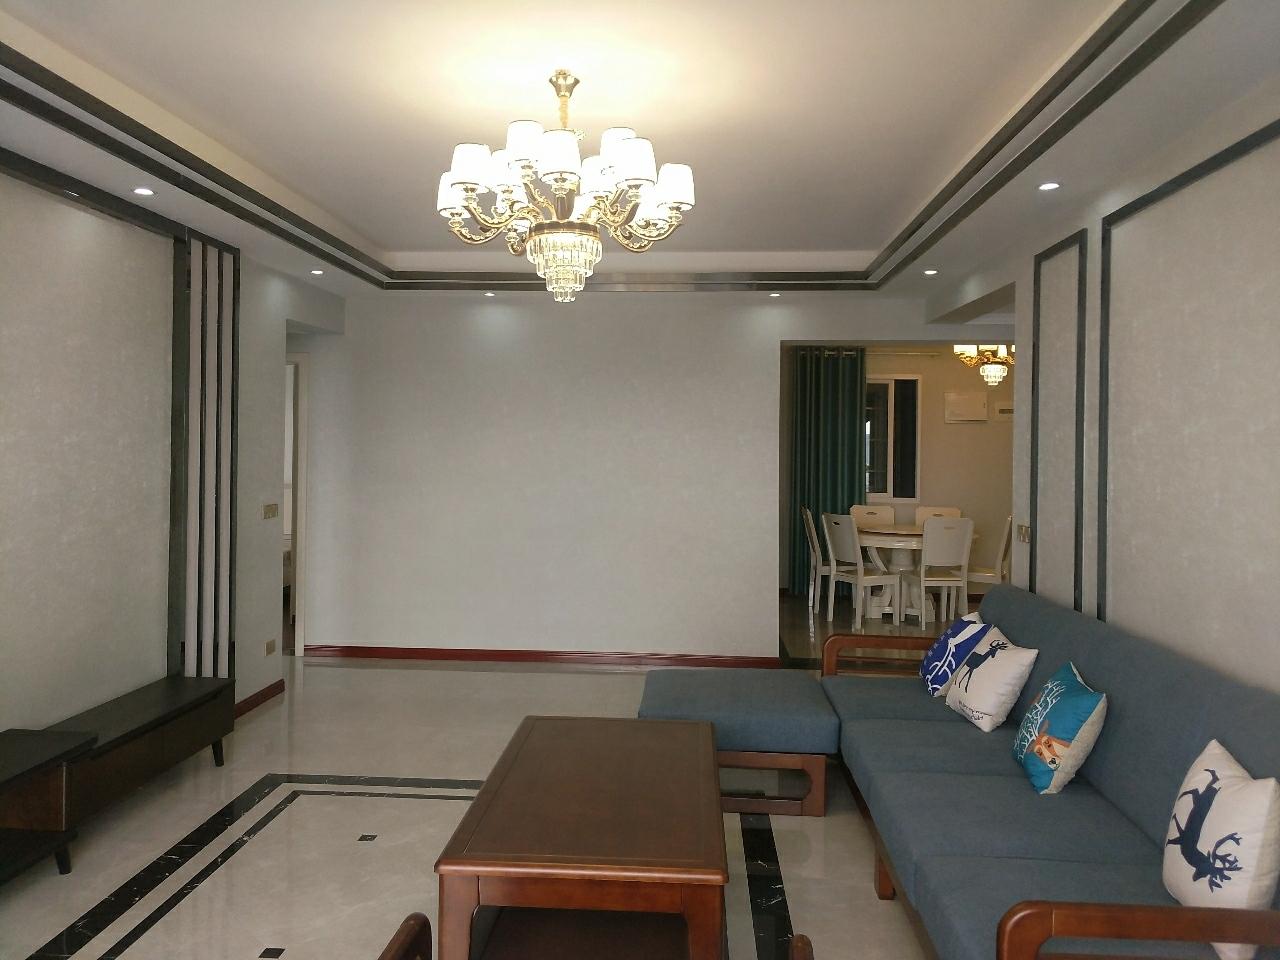 张家沟电梯公寓精装3室2厅2卫27楼68万